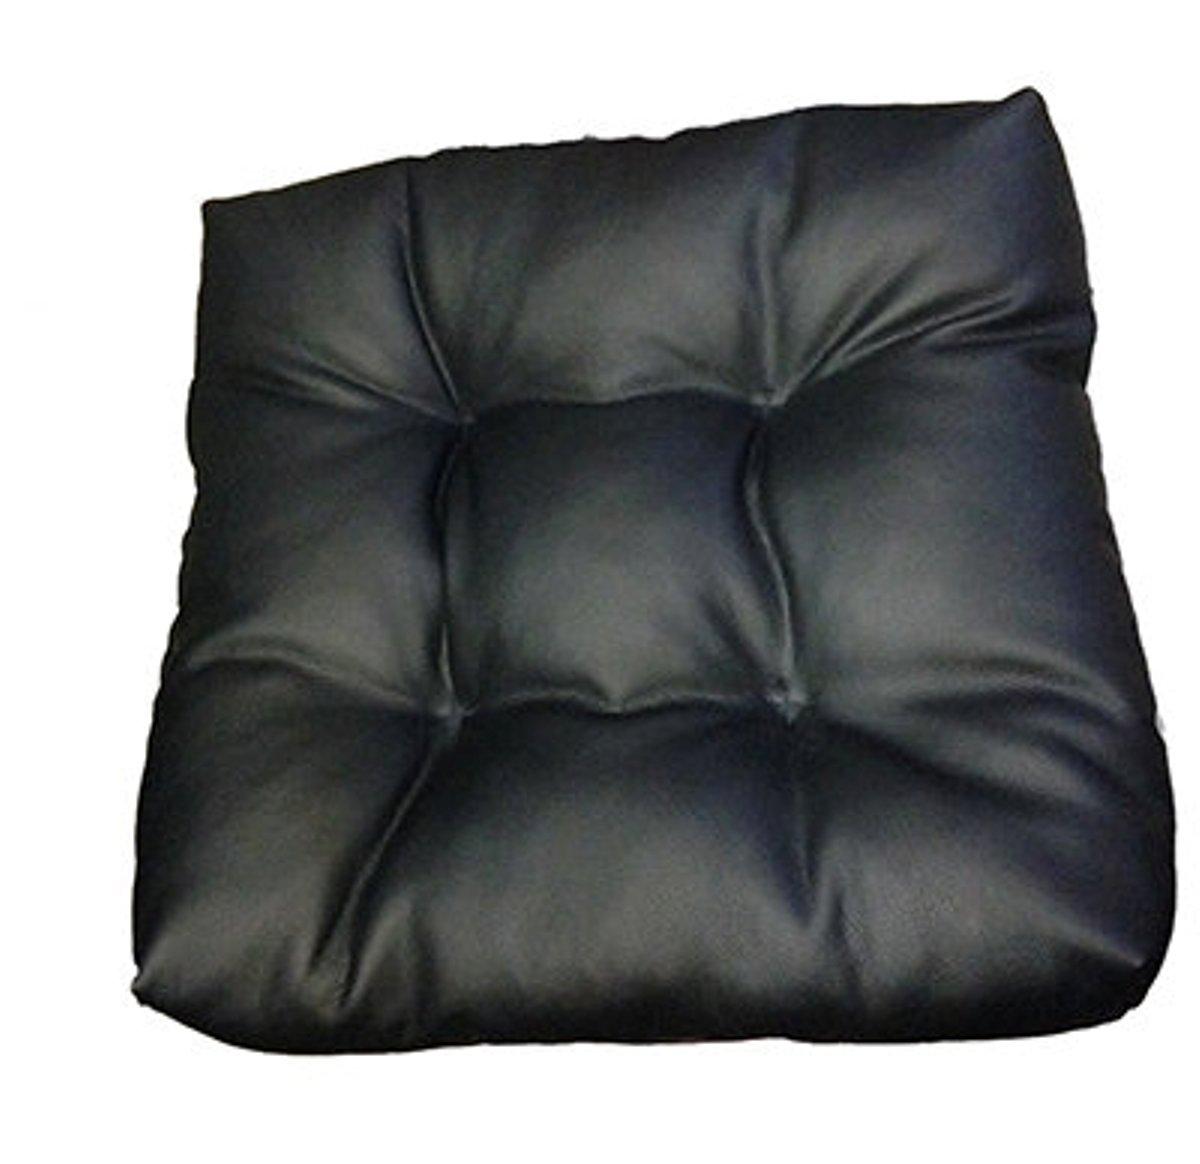 Подушкана сиденье Auto premium с фиксирующим ремнем, цвет: черный. 77011/М08177011/М081Подушка на сиденье выполнена в стеганом стиле. Материал поверхности - высококачественная экокожа. Тем самым достигается прочность и долговечность, сравнимая с натуральной кожей. Стоит отметить, что этот материал стал выбором для большинства производителей мебели и чехлов на сиденья, именно благодаря своей прочности. Набита подушка наполнителем на основе силиконизированного волокна. Что придает ей мягкость и комфорт высокого уровня. Подушка способна поднять автомобильное сиденье на пять-семь сантиметров. Степень набивки можно регулировать благодаря наличию молнии